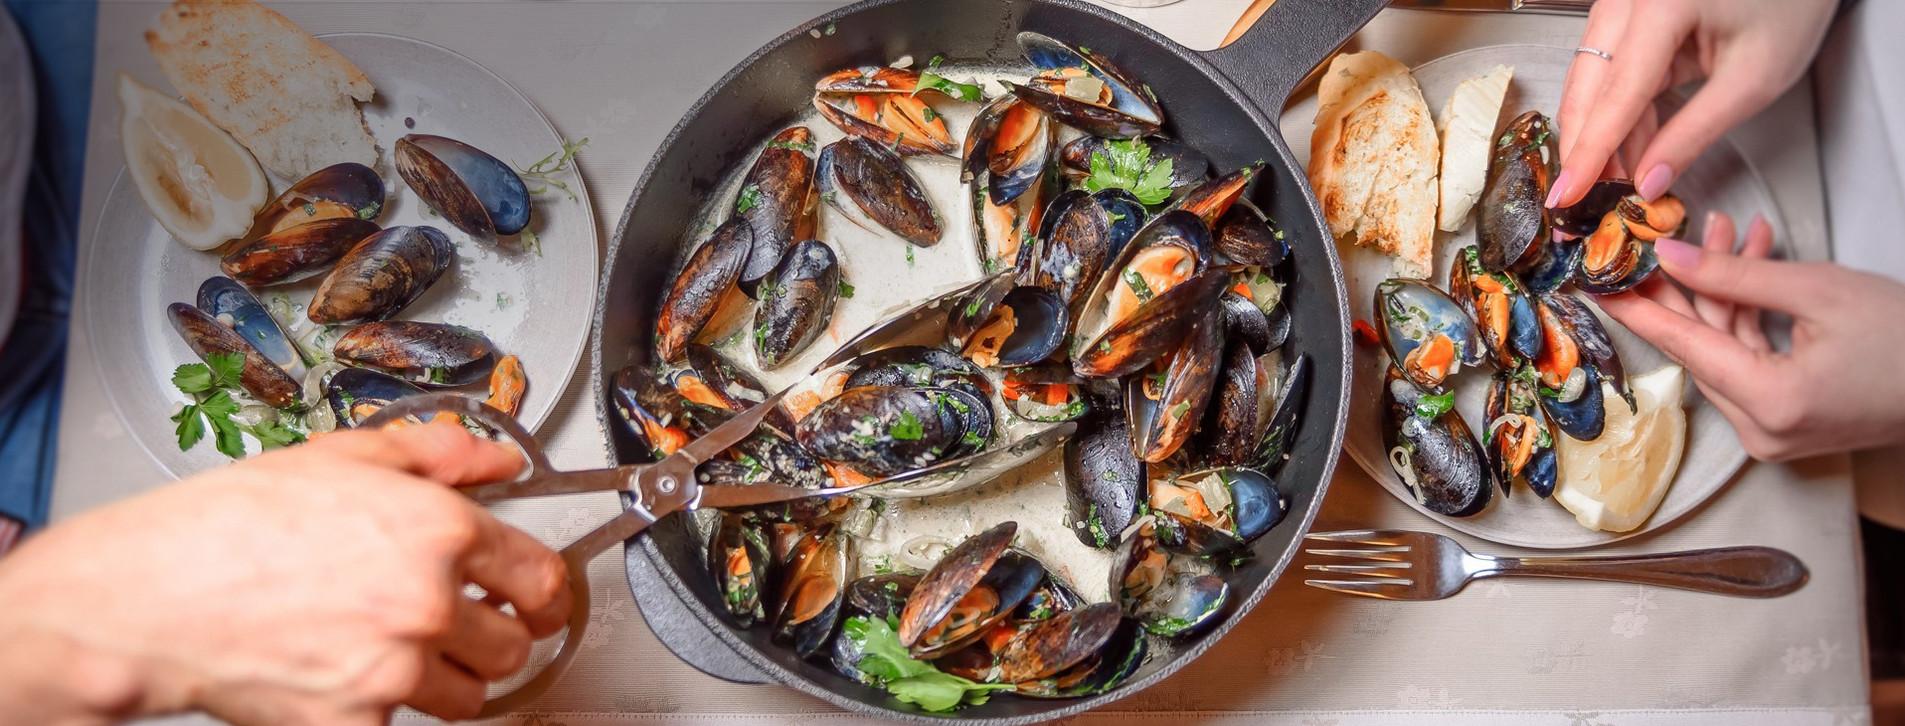 Фото 1 - Вечеря в середземноморському ресторані